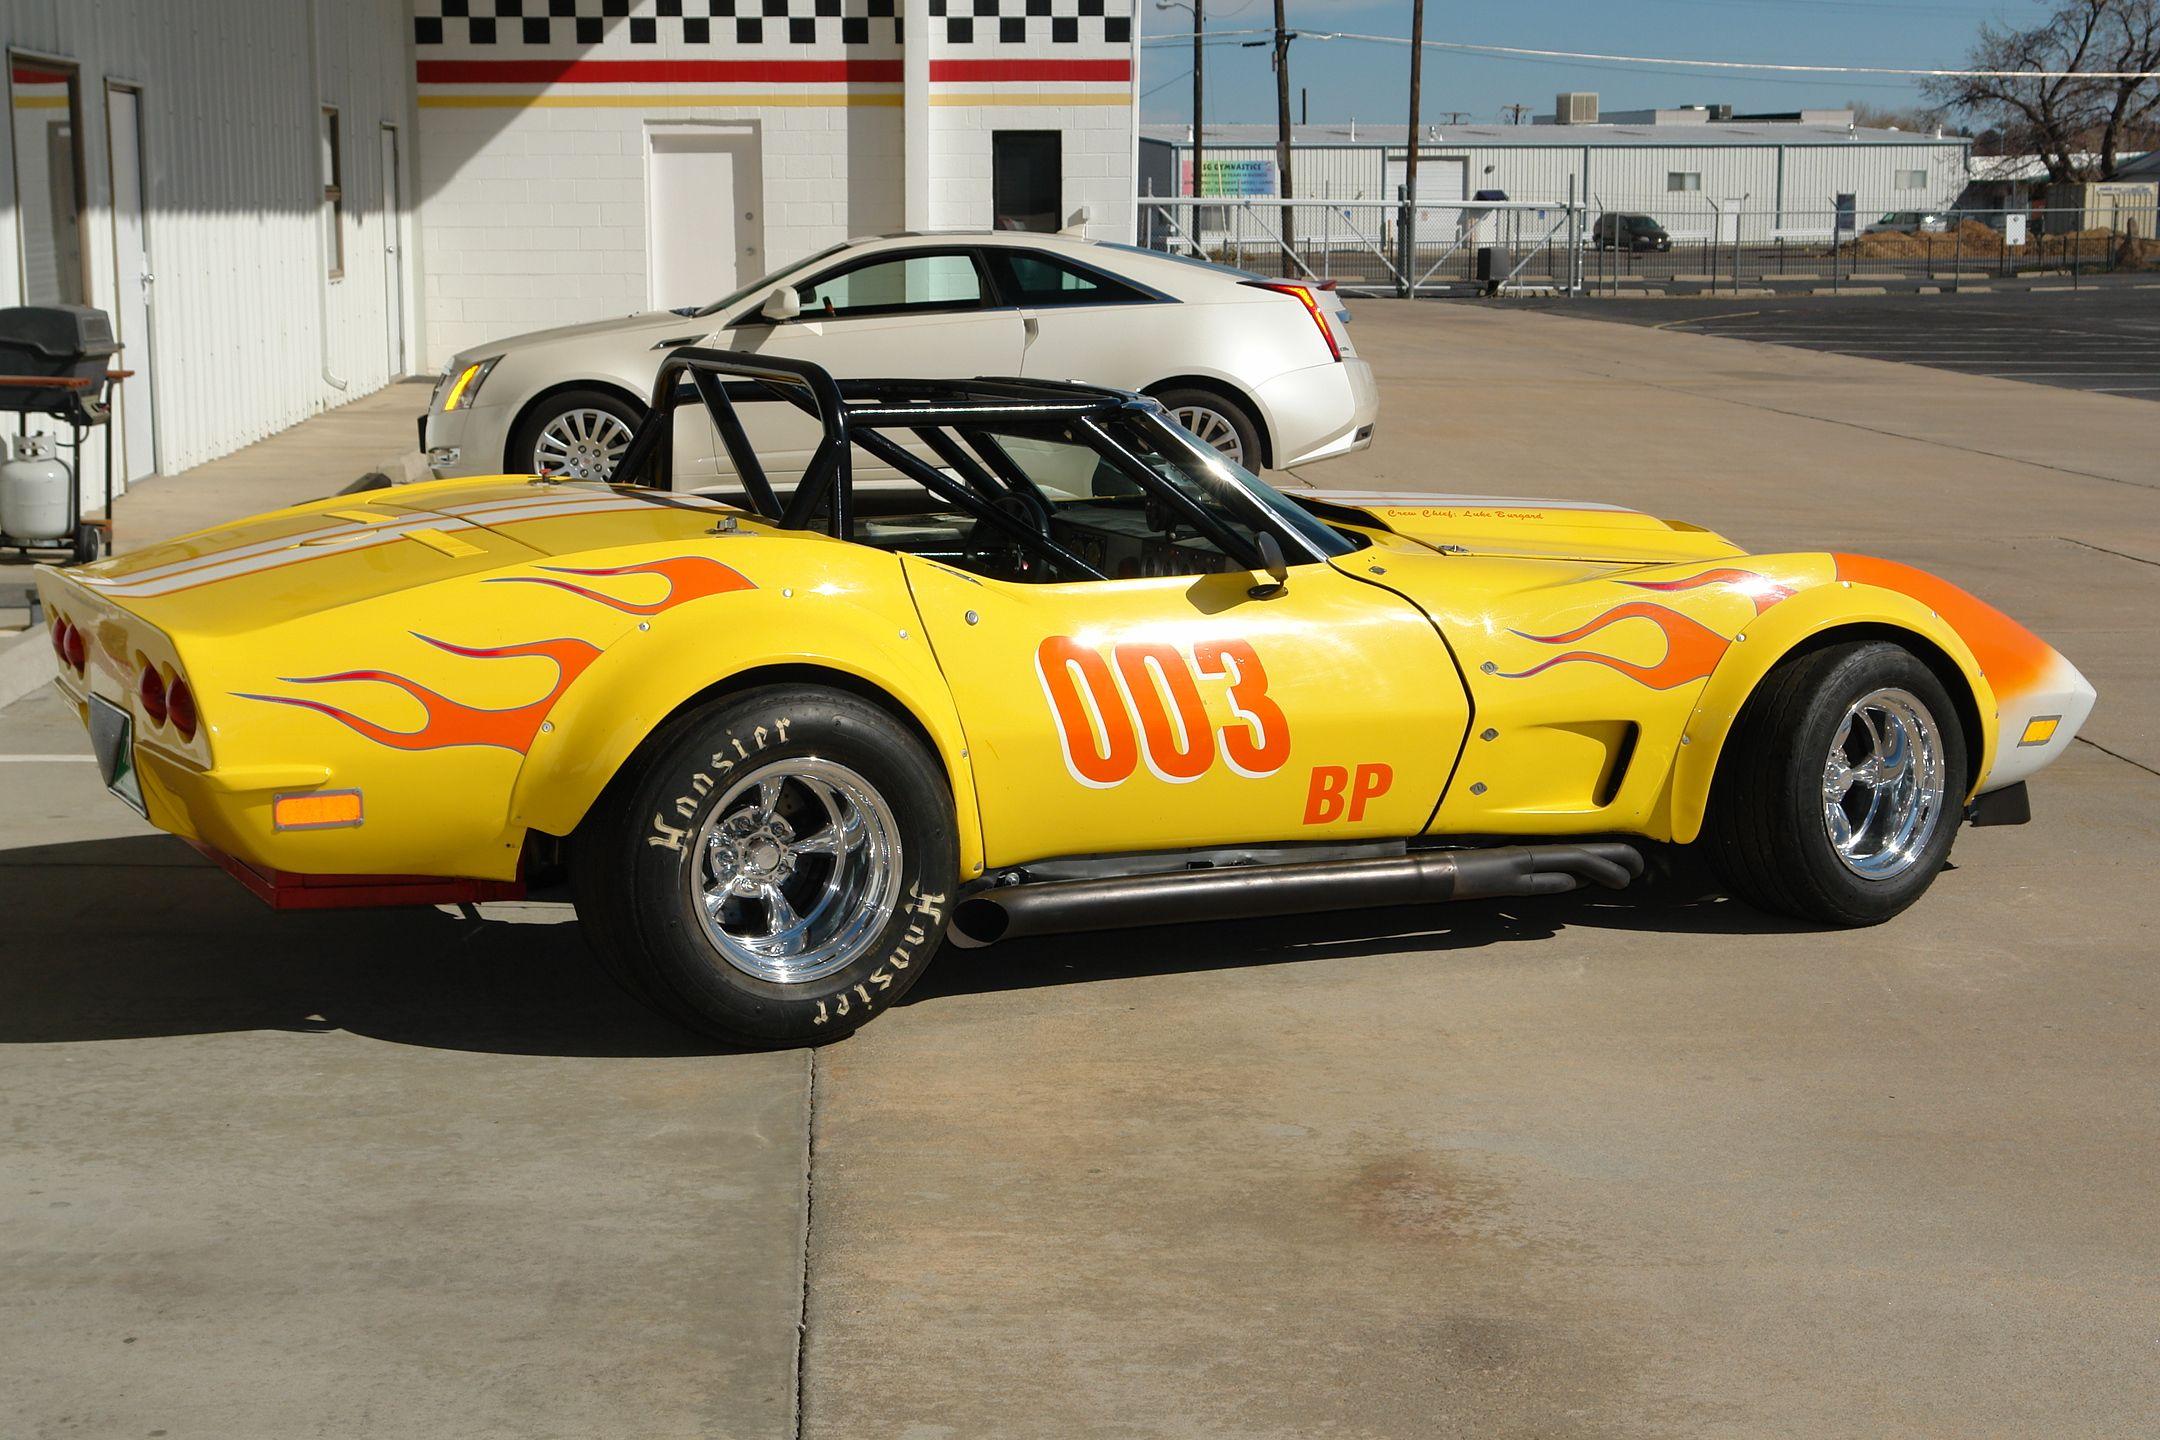 Race corvette 1969 corvette convertible road race car mathews collection